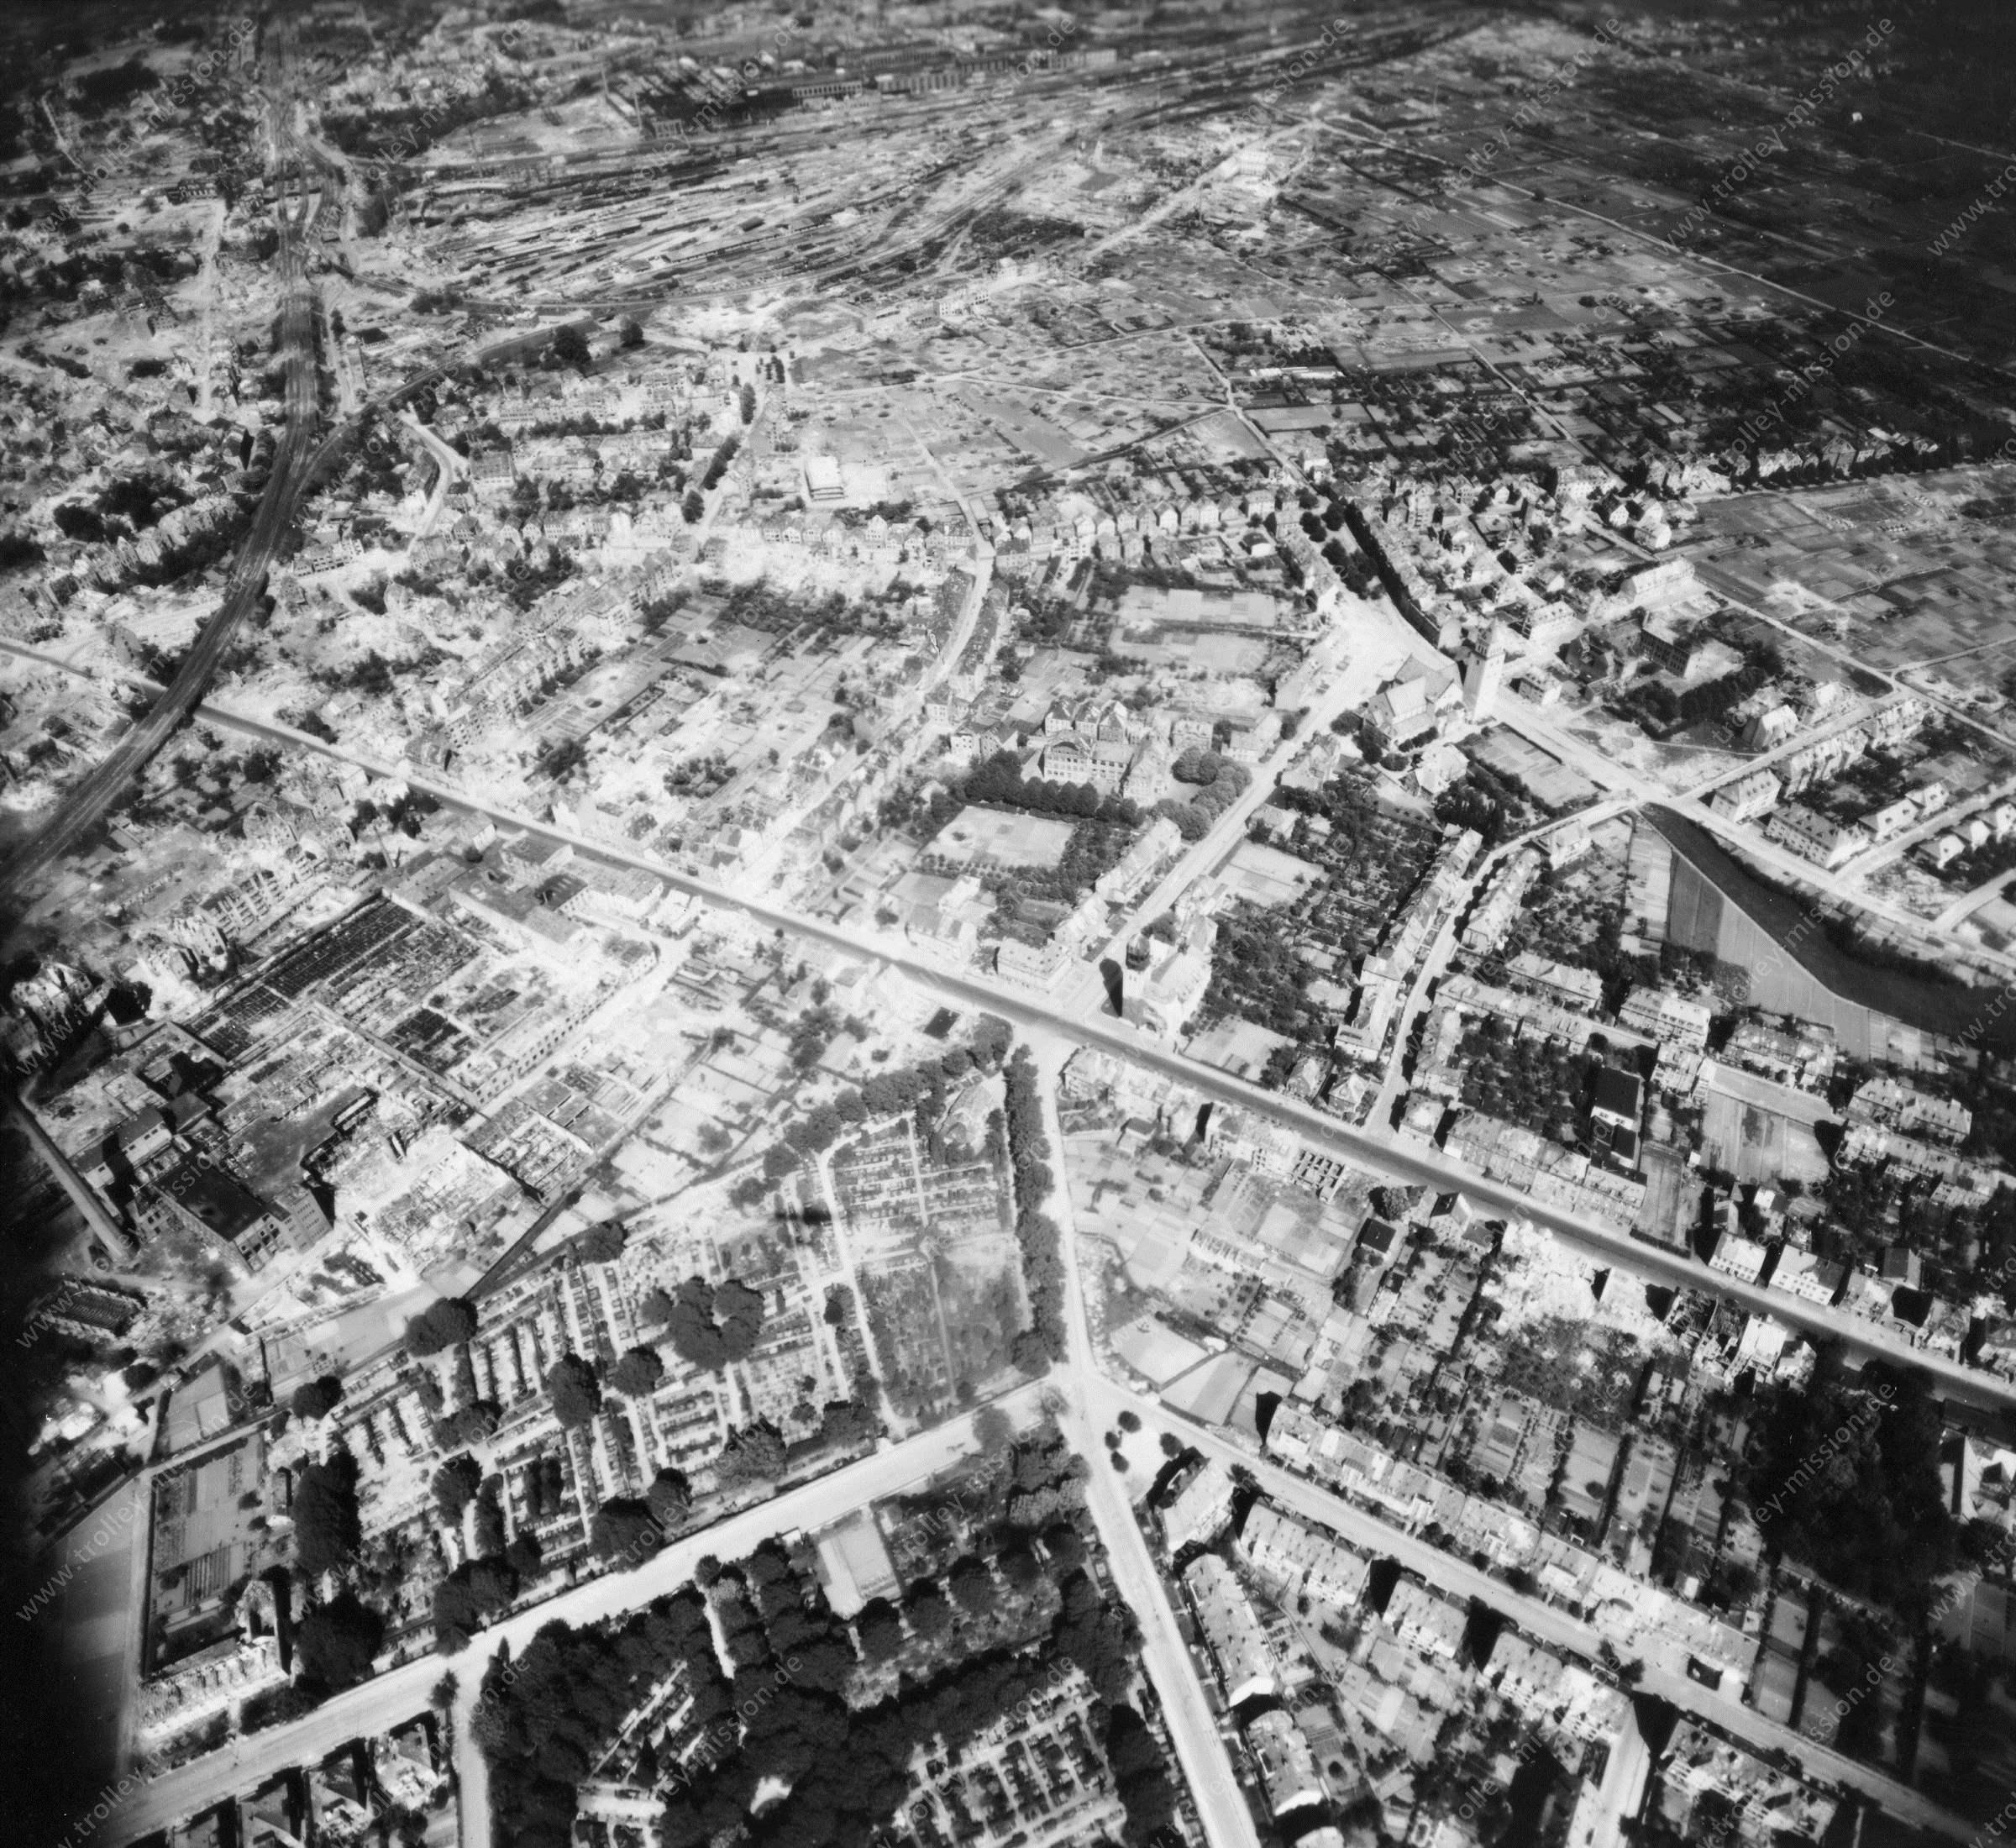 Luftbild von Osnabrück am 12. Mai 1945 - Luftbildserie 4/9 der US Air Force